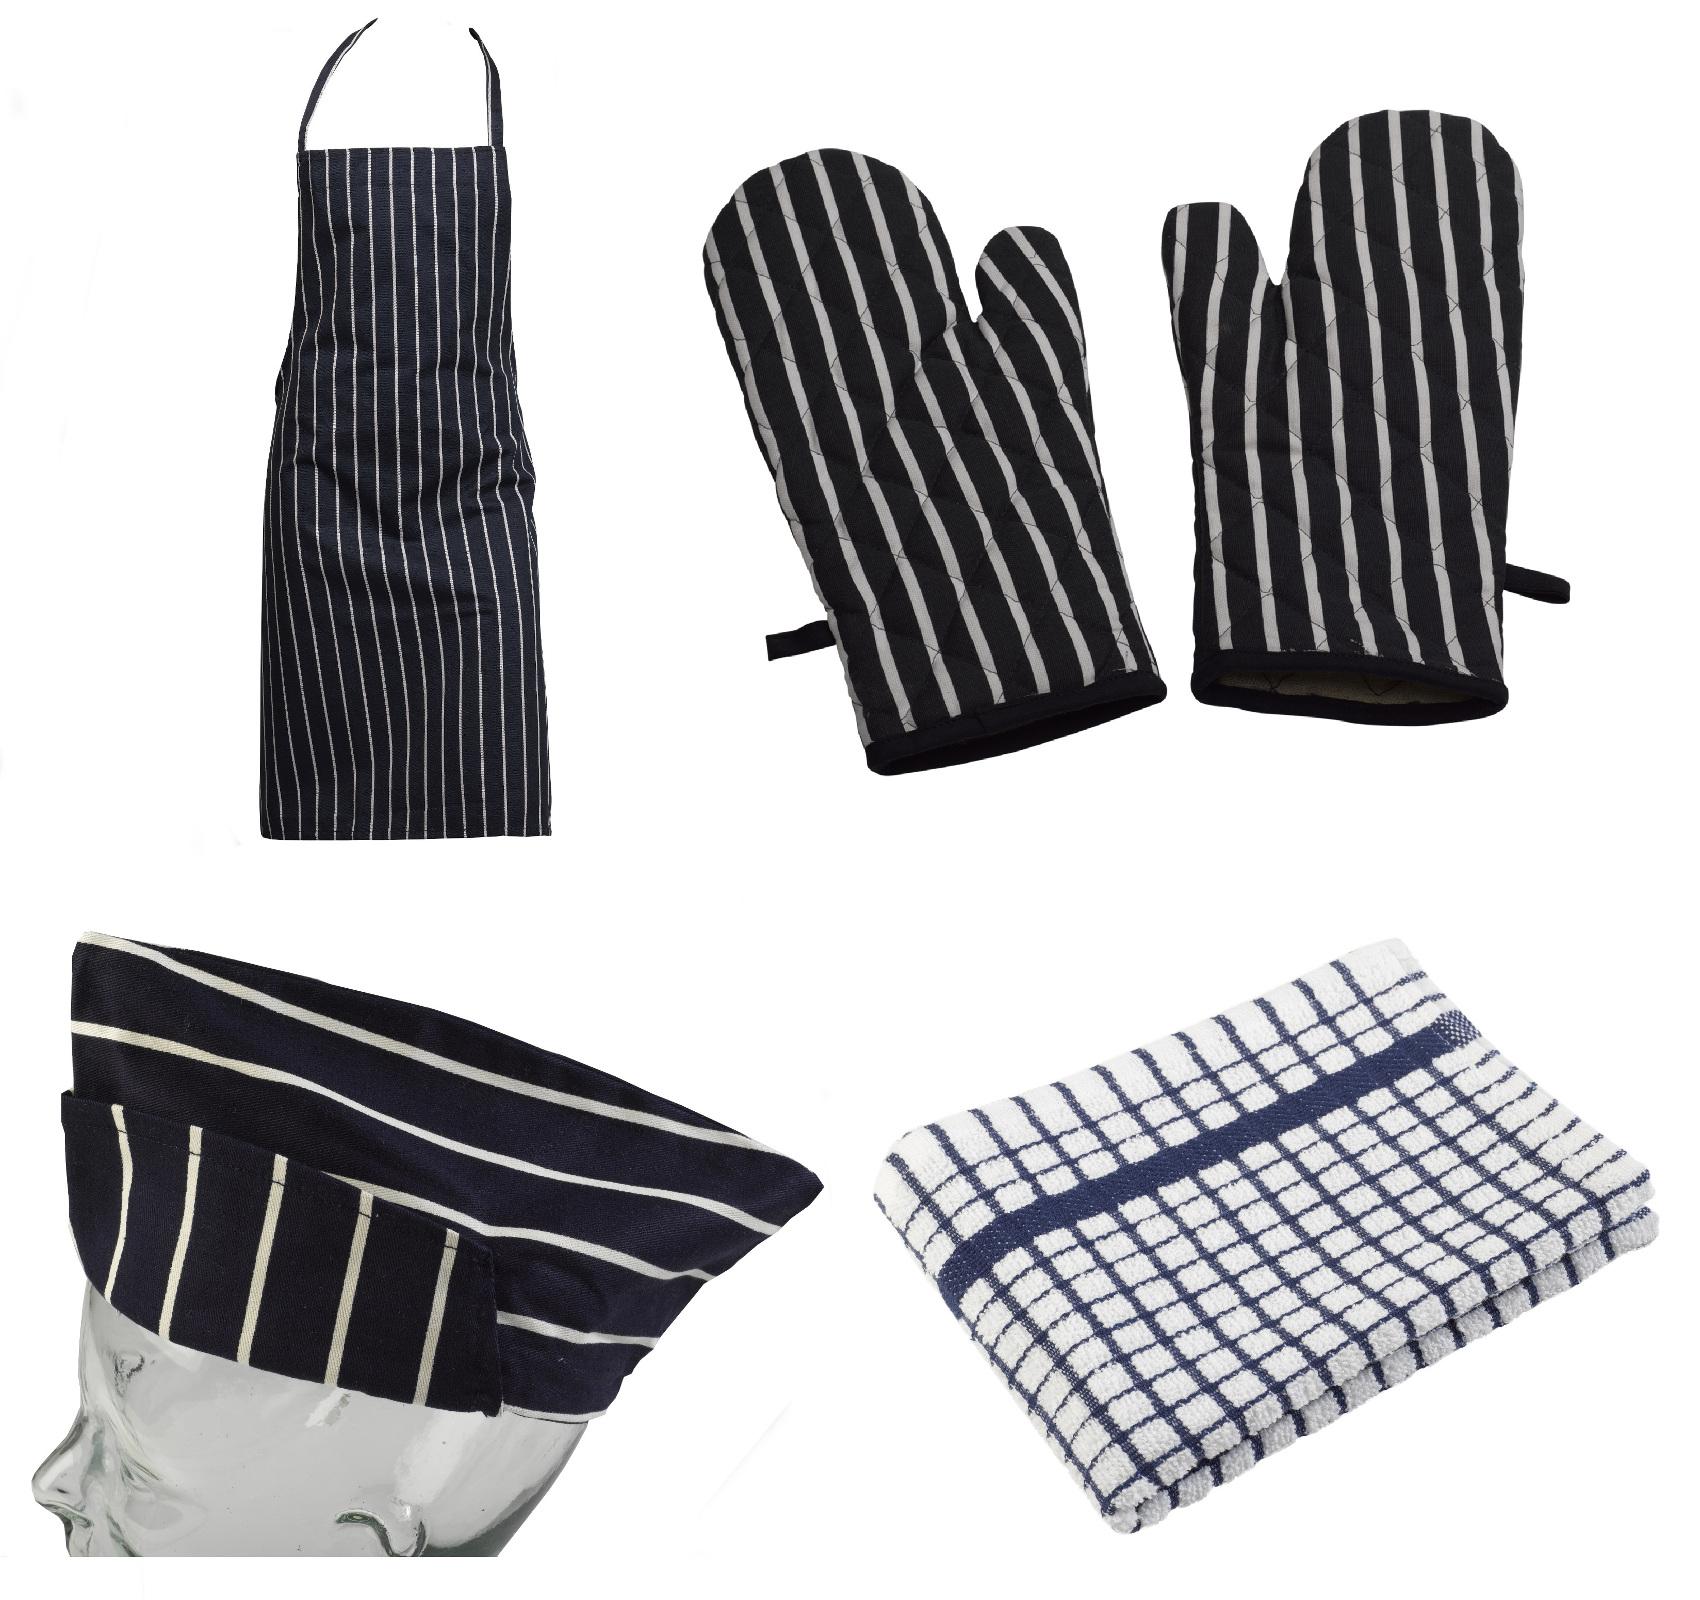 White apron ebay.ca - 4 Piece Cotton Kitchen Linen Set Bib Apron